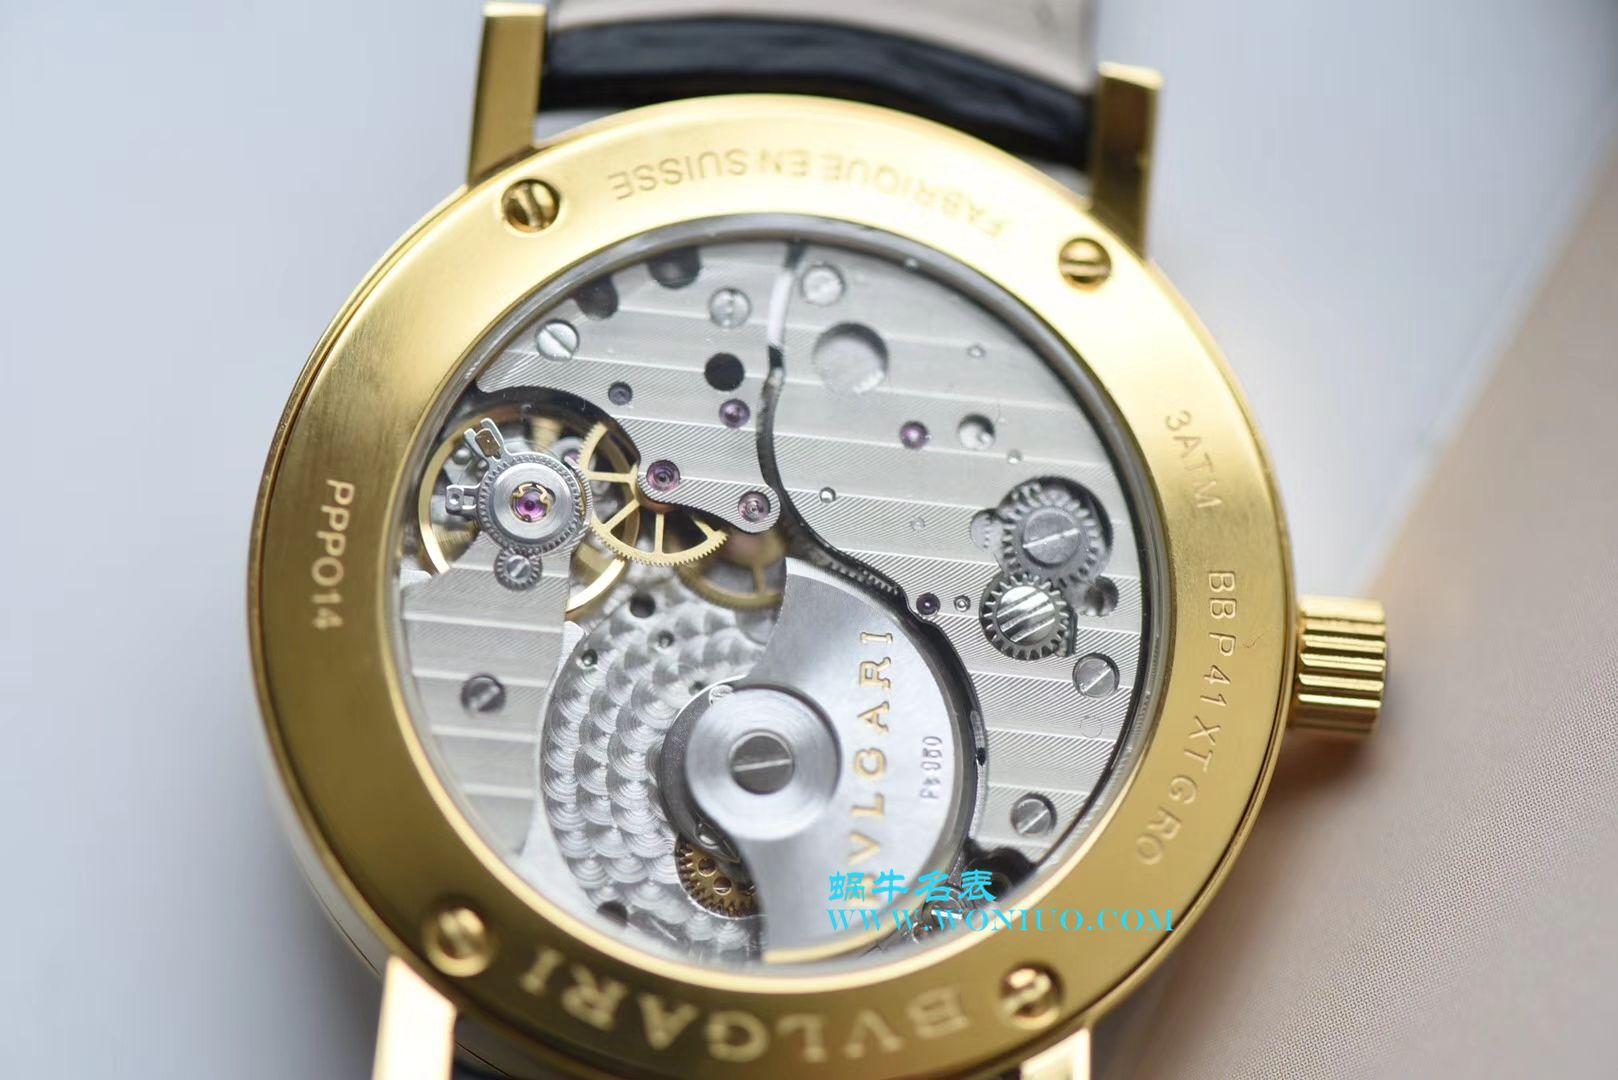 【台湾厂一比一超A高仿手表】宝格丽BVLGARI∙BVLGARI系列102359 BB41BGLXT腕表